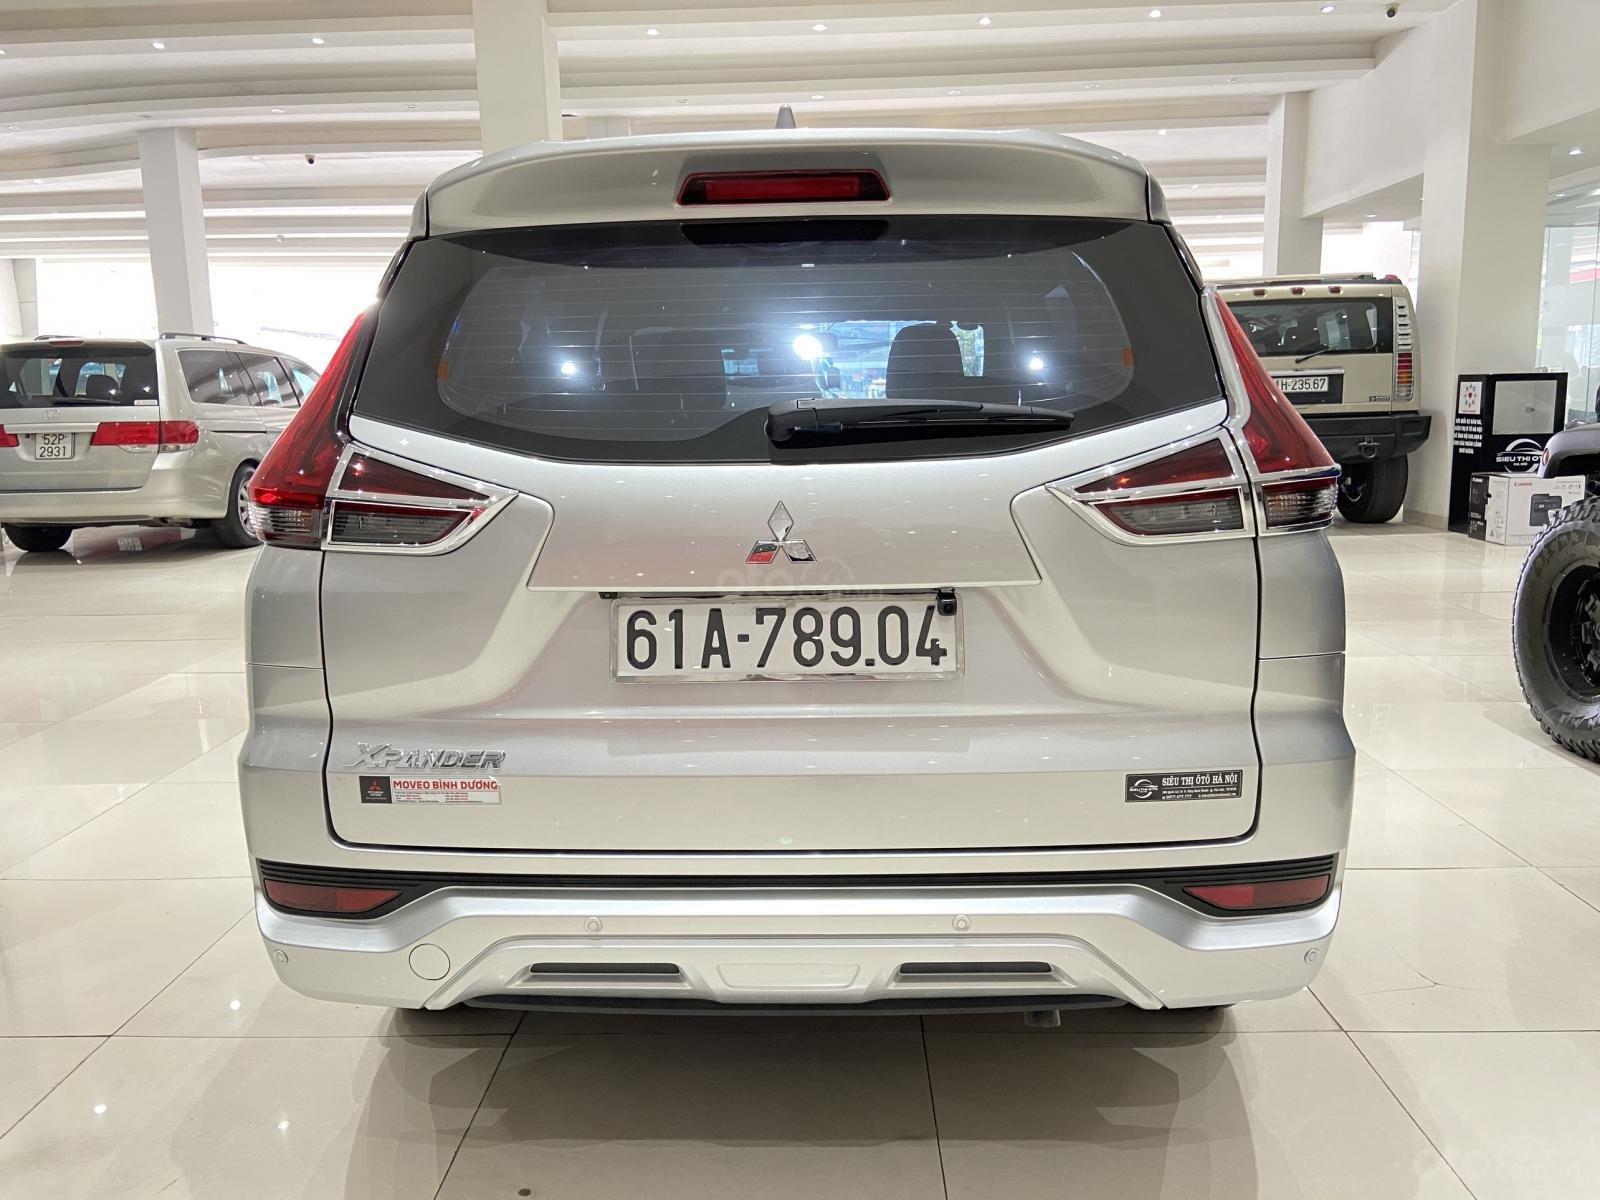 Bán xe Mitsubishi Xpander năm sản xuất 2020, màu Bạc, xe đẹp, mới đi 3.000km (4)